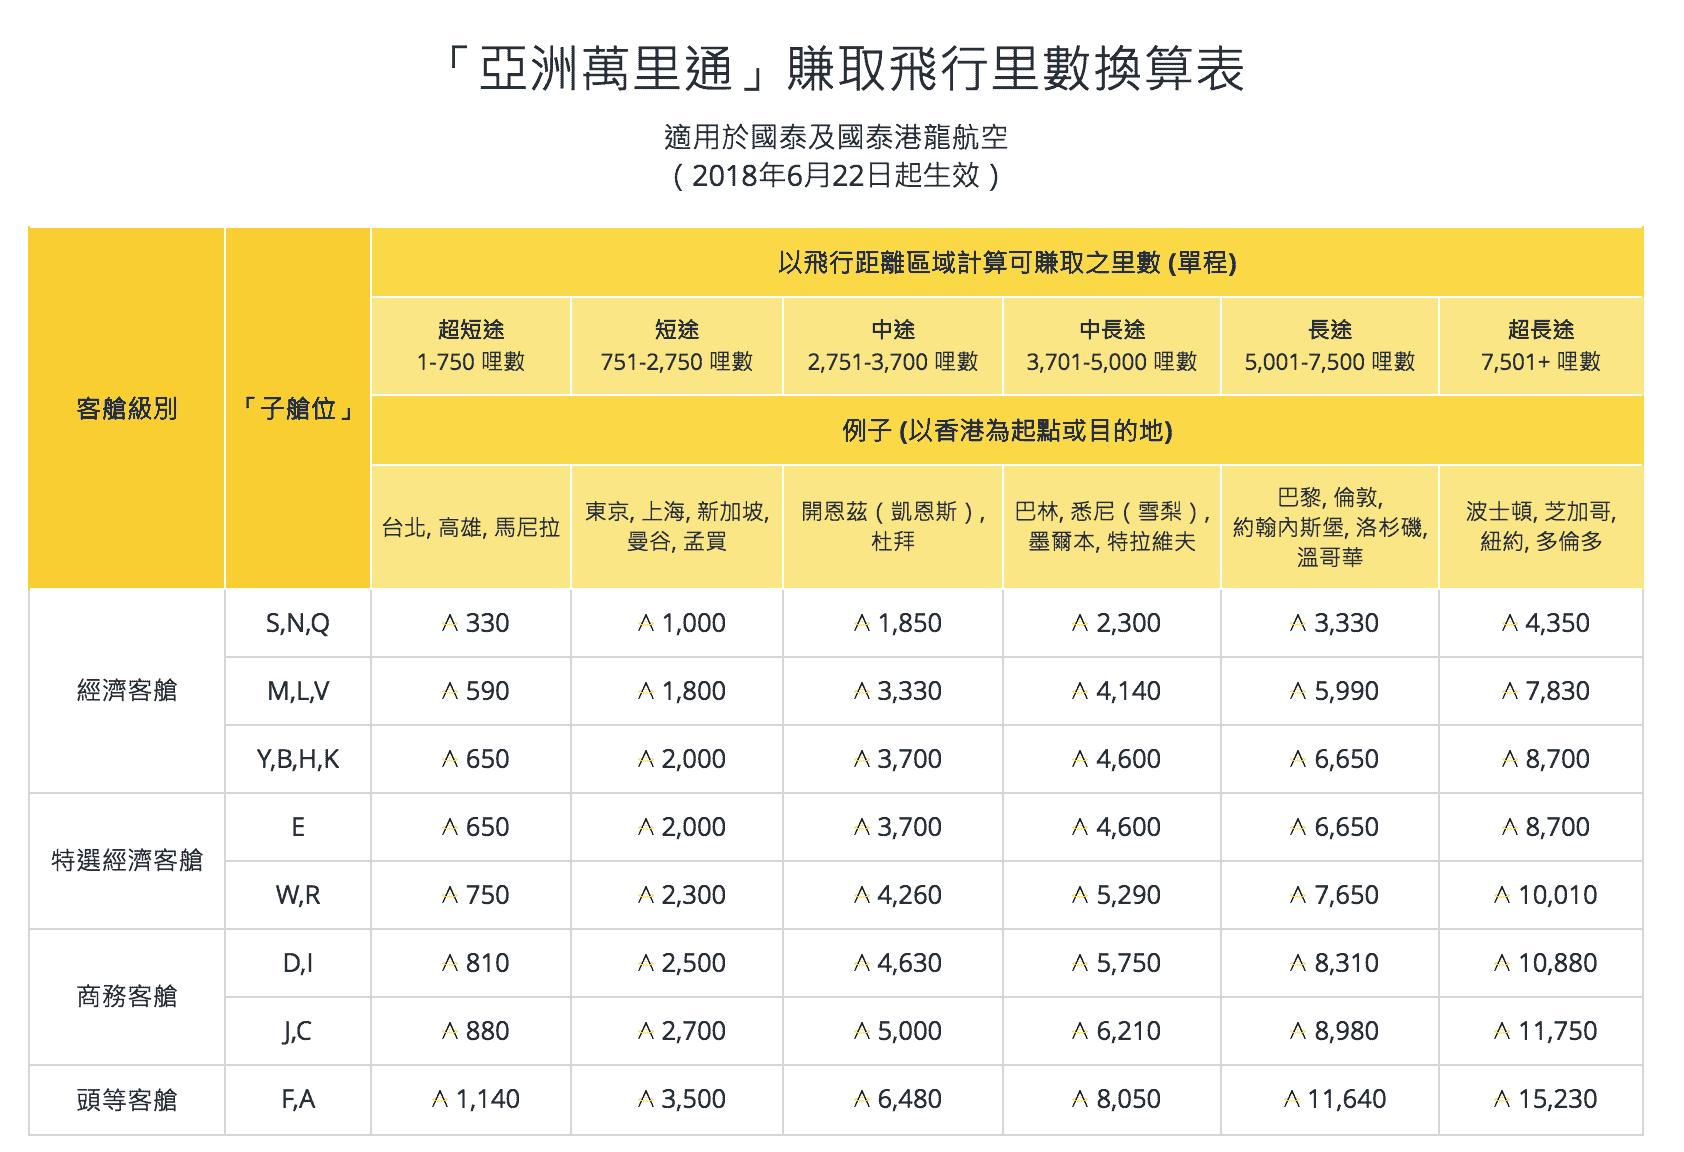 亞洲萬里通賺取飛行里數換算表